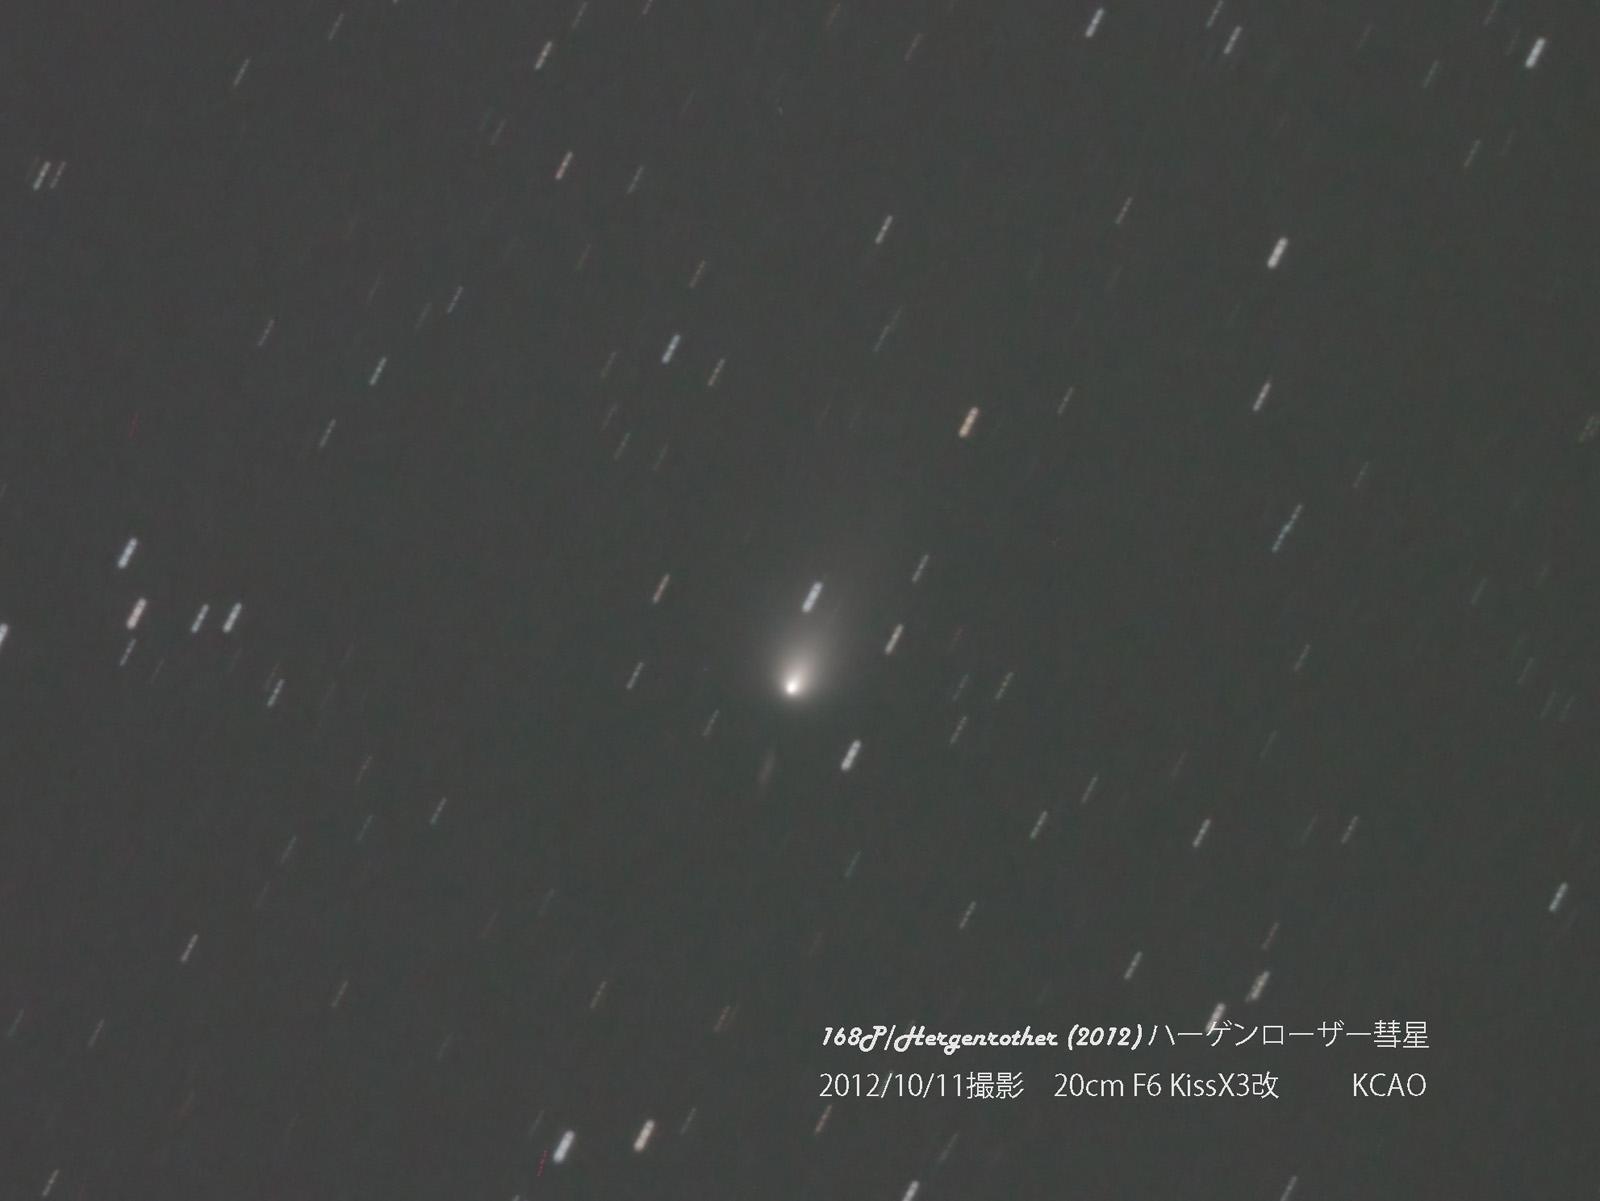 やっと天体写真撮影_e0174091_1329230.jpg